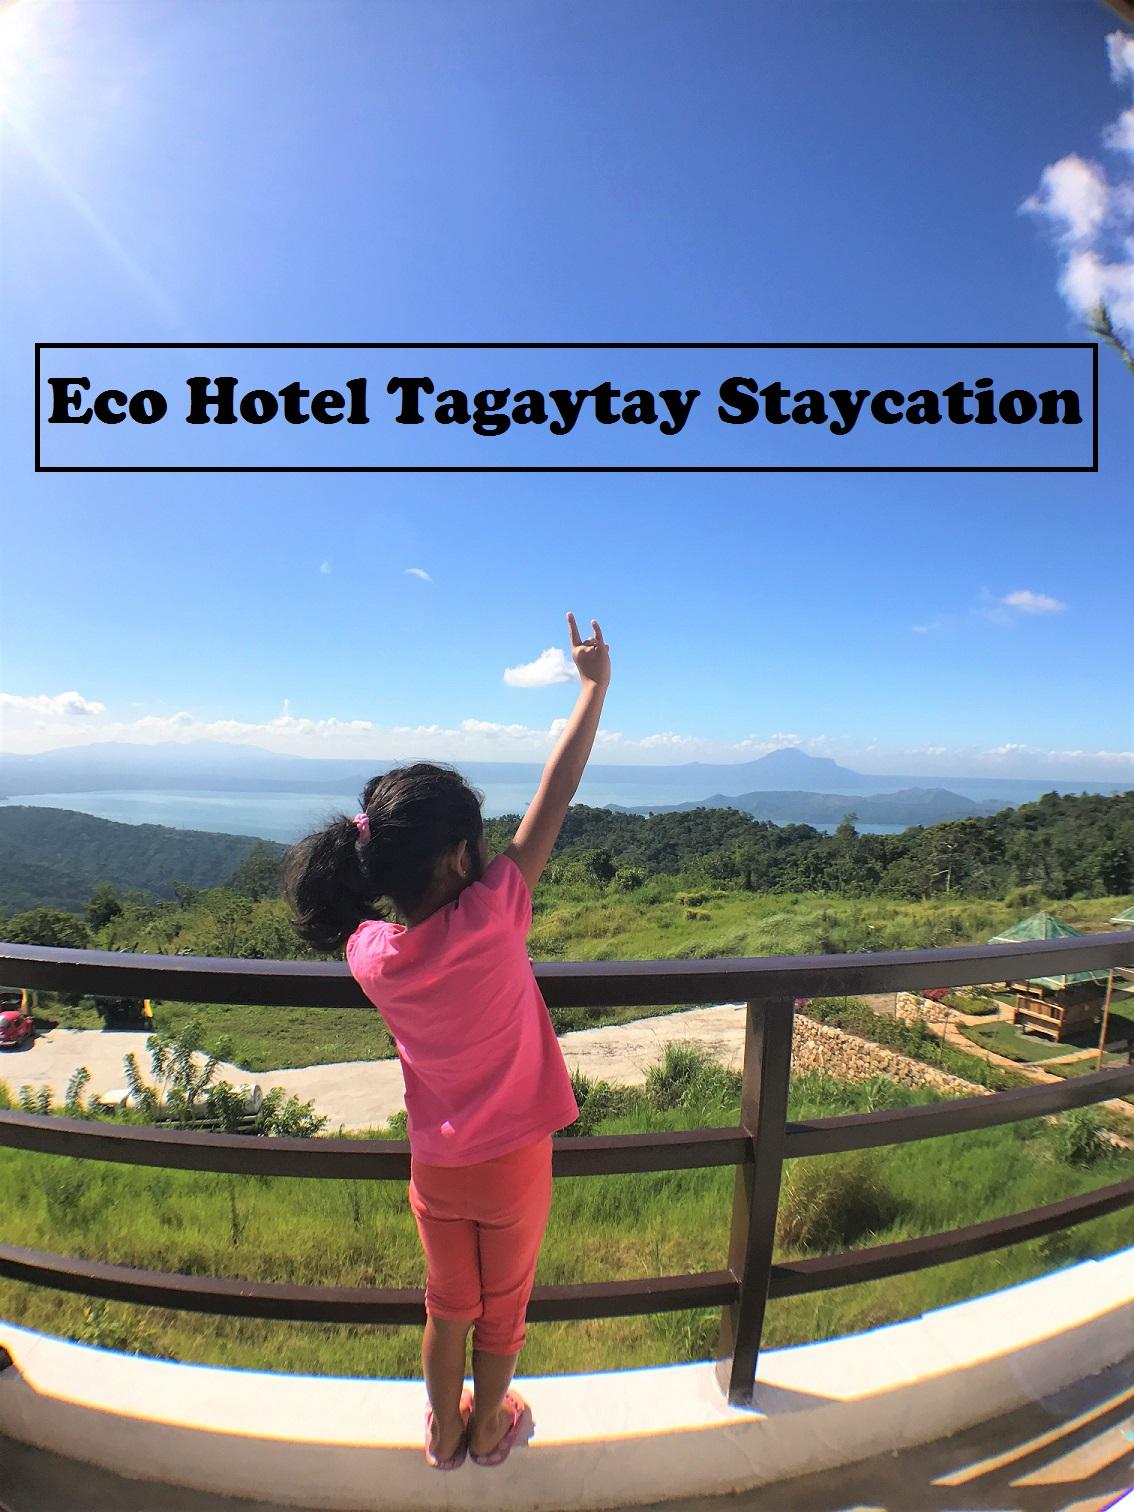 Eco Hotel Tagaytay Staycation